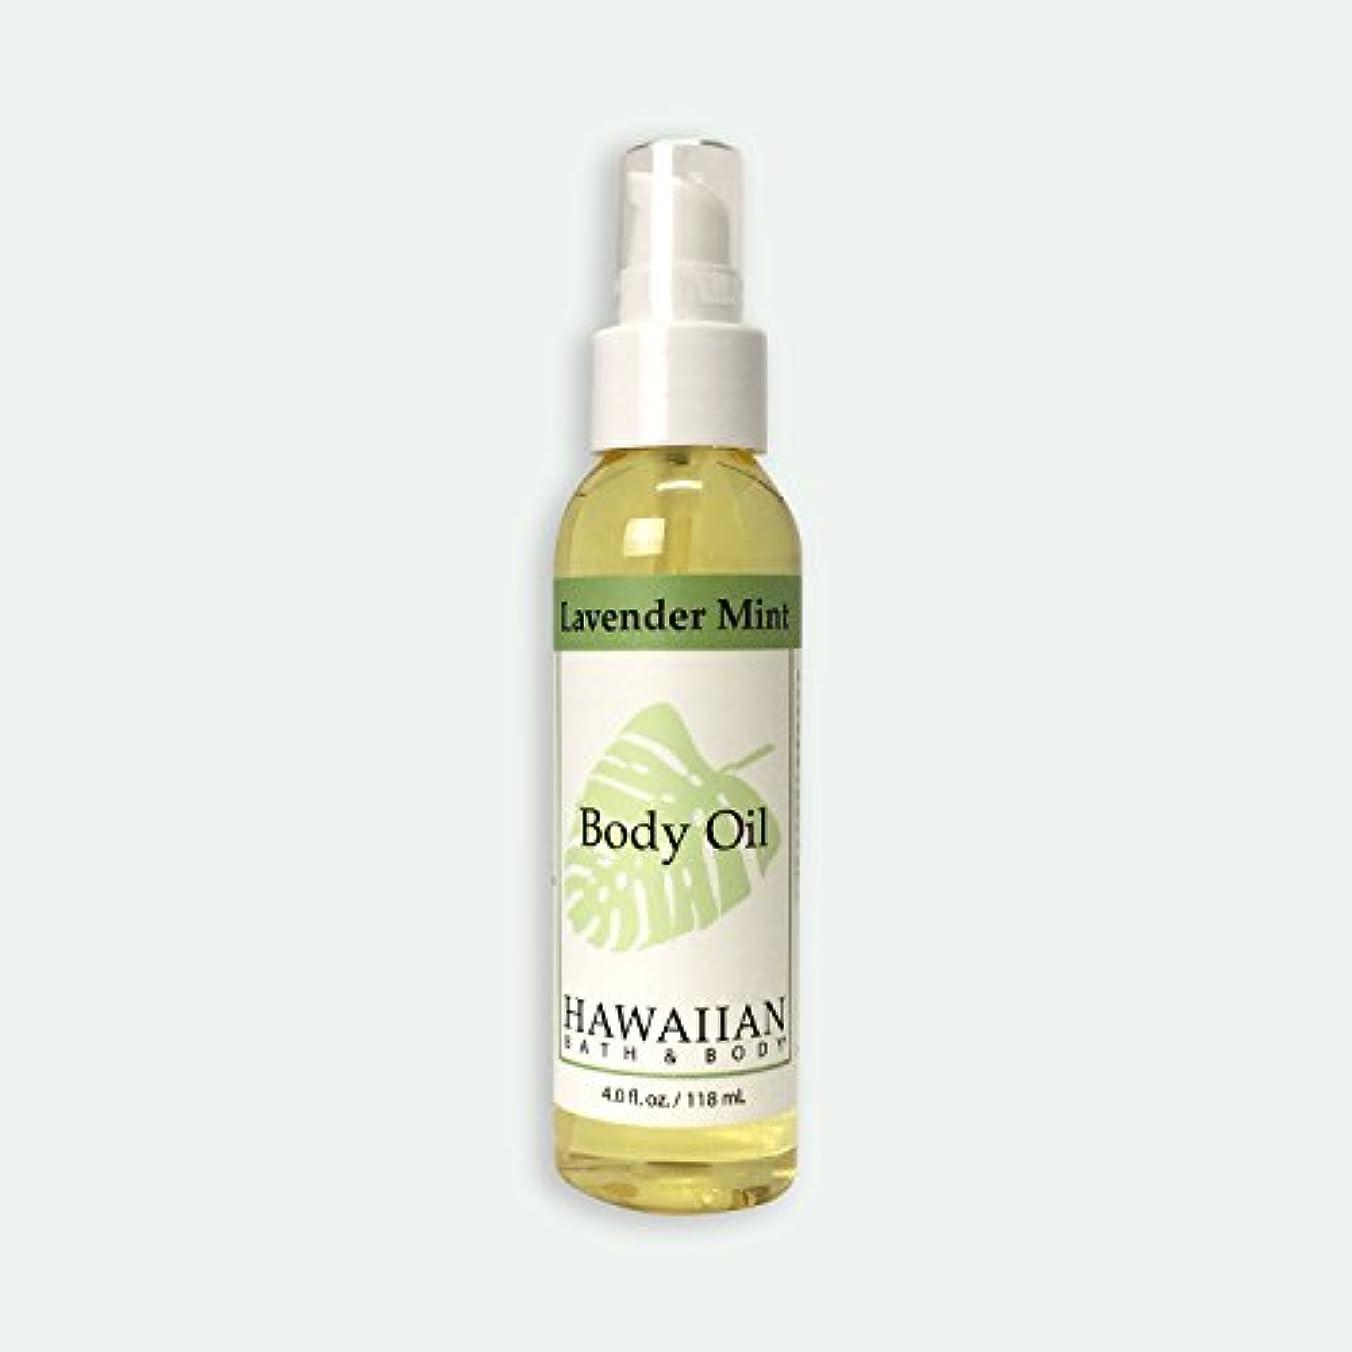 シャープ胃懸念ハワイアンバス&ボディ ラベンダーミント?ボディオイル 118ml Lavender Mint Body Oil